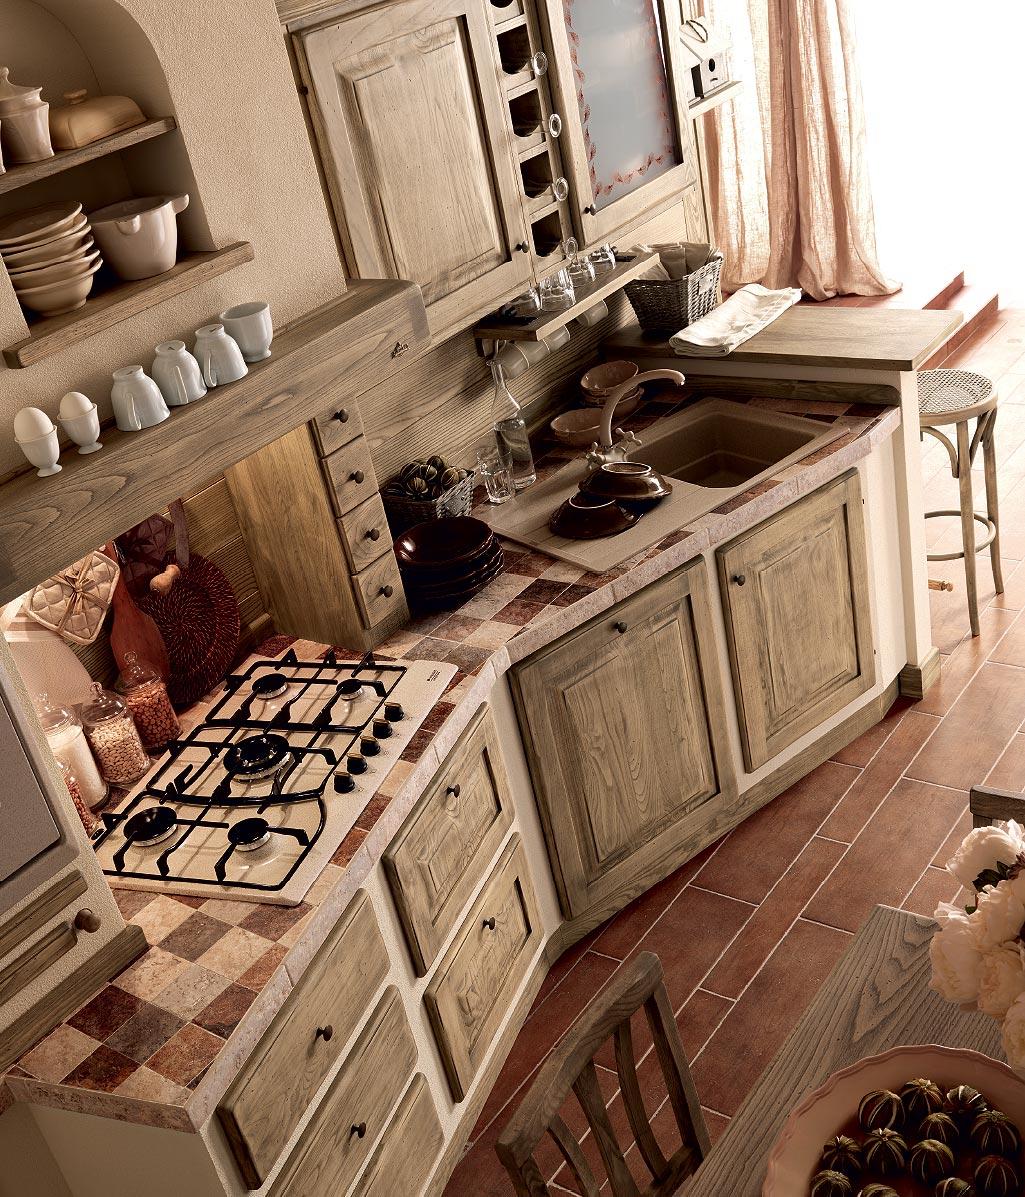 Piano Di Lavoro Cucina In Muratura.Quale Top Per La Cucina Il Piano Piastrellato Lineatre